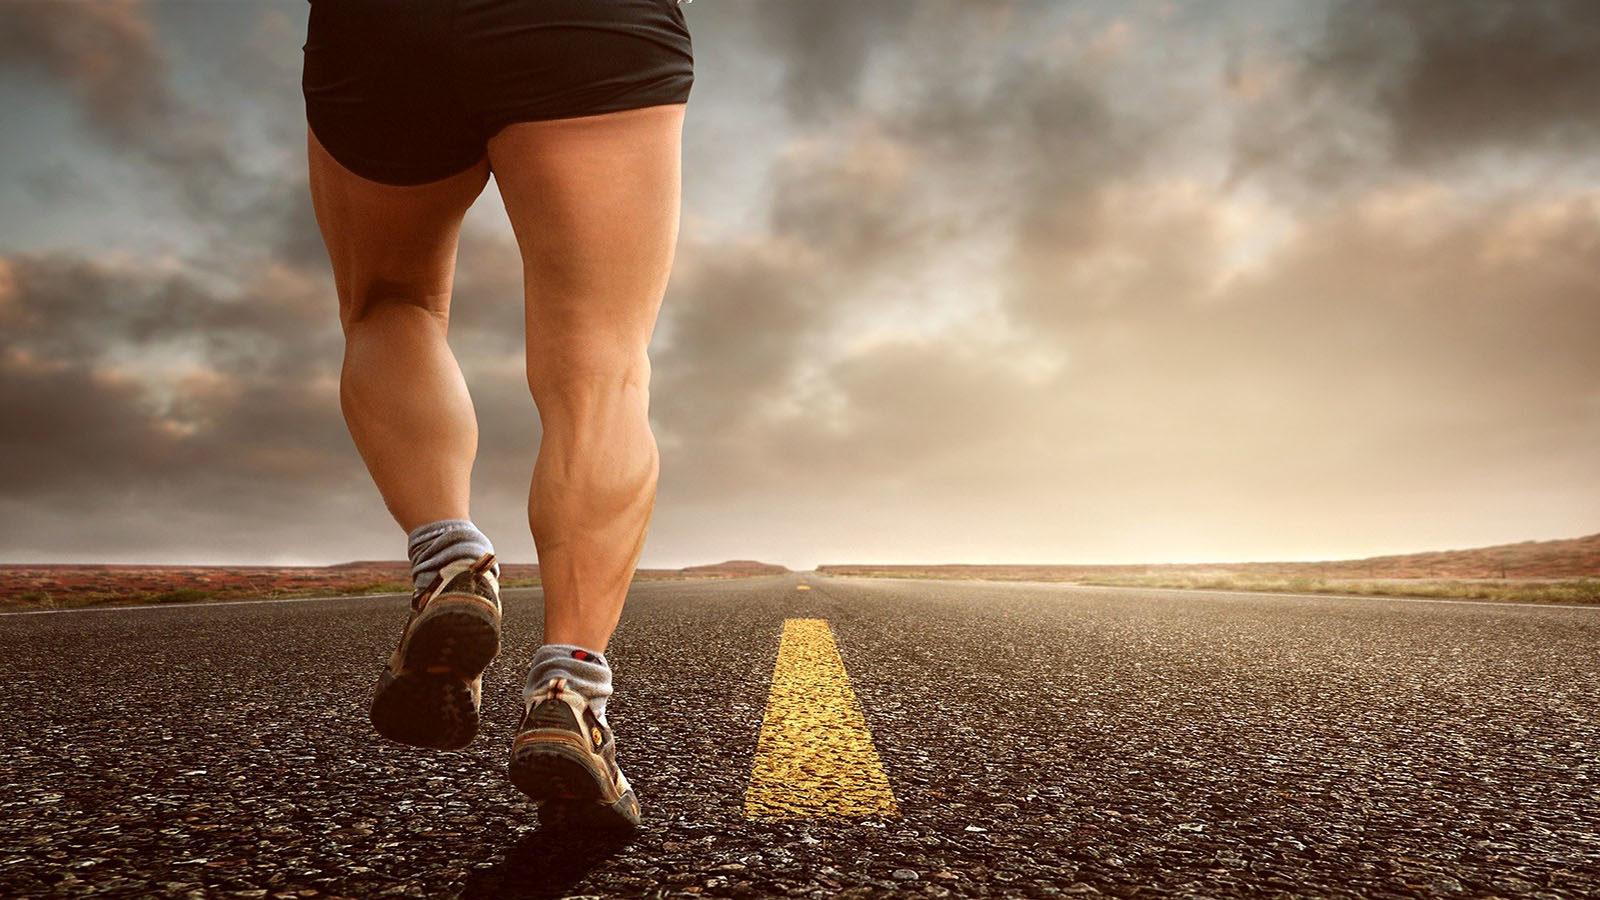 Pourquoi courir et toujours avoir l'envie de courir ?